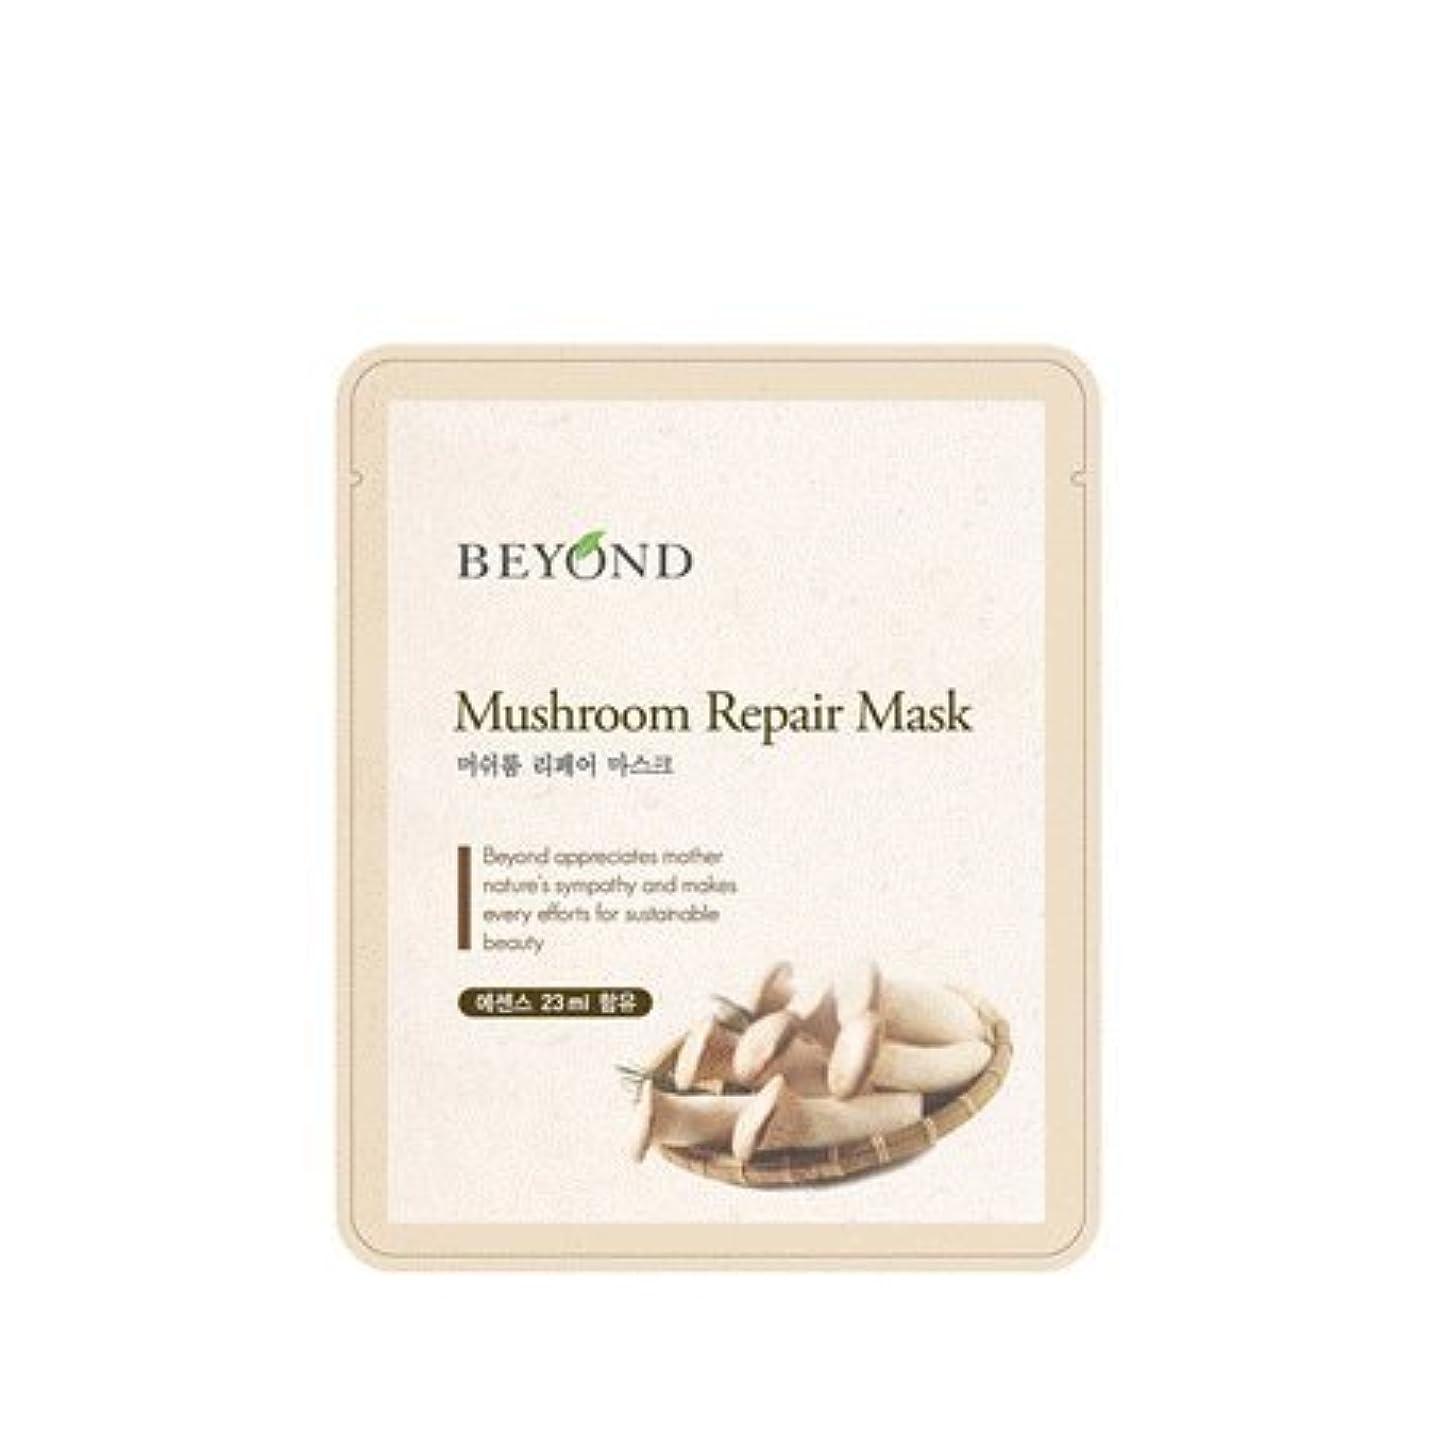 テセウス控えめなアルカトラズ島Beyond mask sheet 5ea (Mushroom Repair Mask)